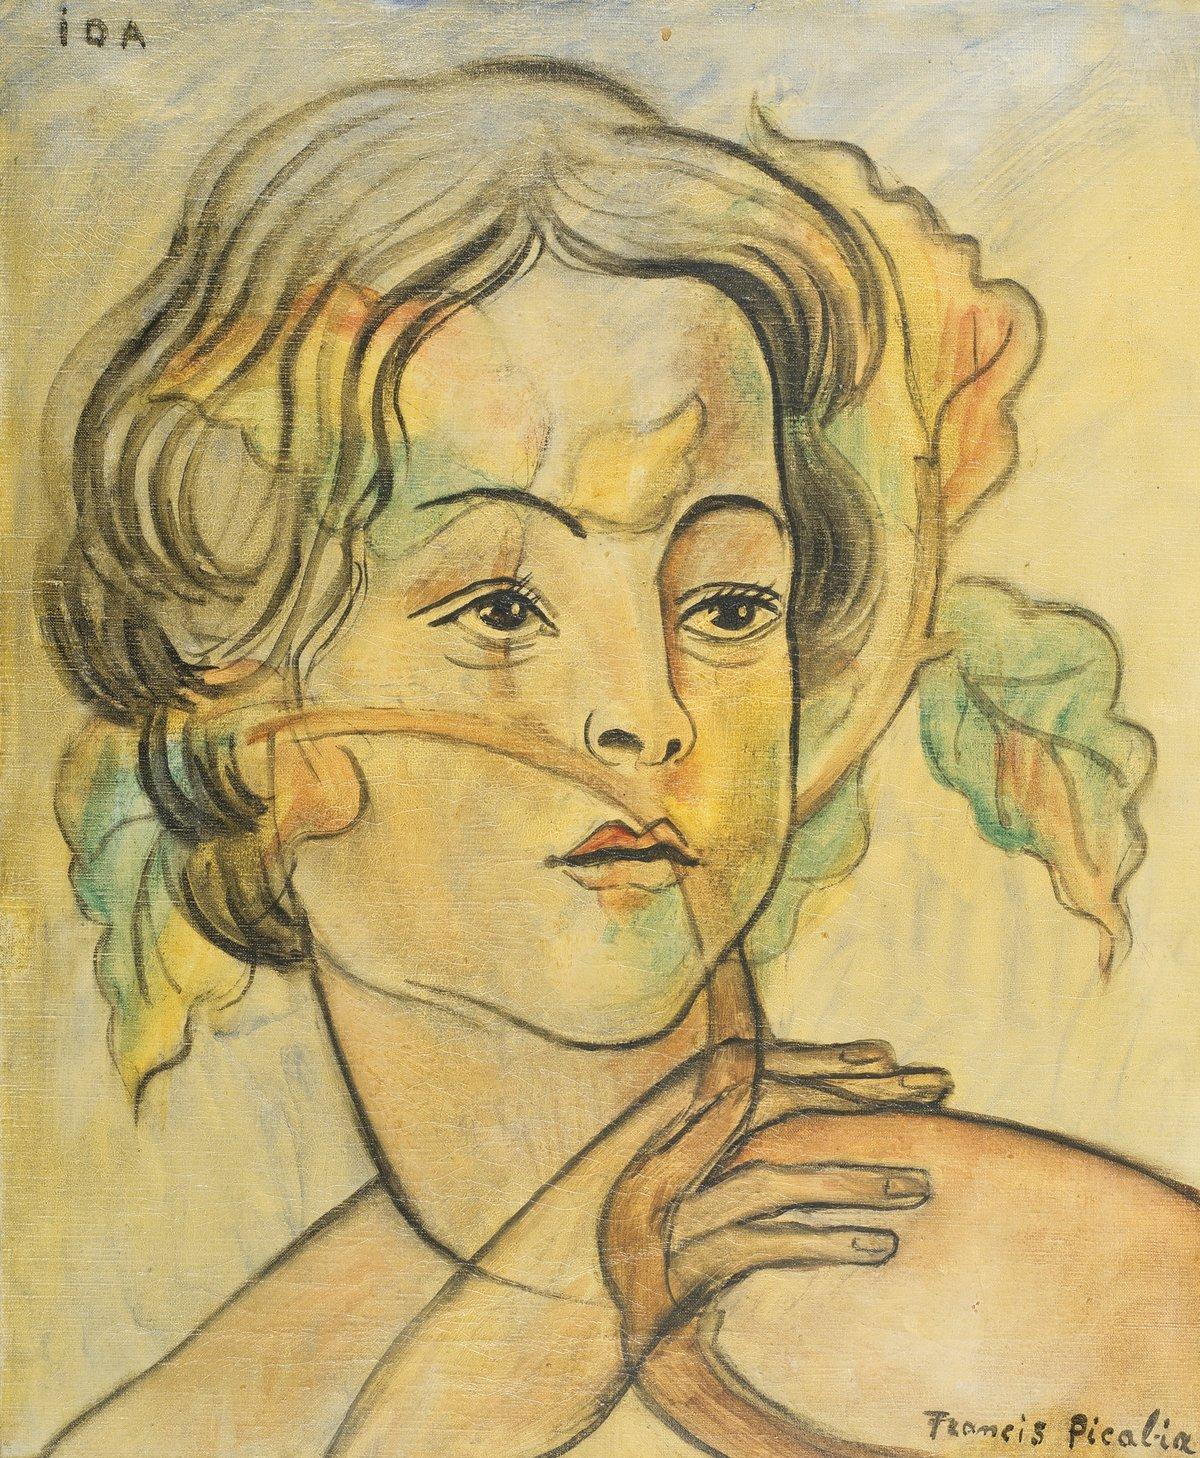 Франсис Пикабия. Авангардист в искусстве и по жизни, сторонившийся классики, но в последствие сам ставший классикой – Франсис Пикабиа – темпераментный испано-французский художник из Парижа